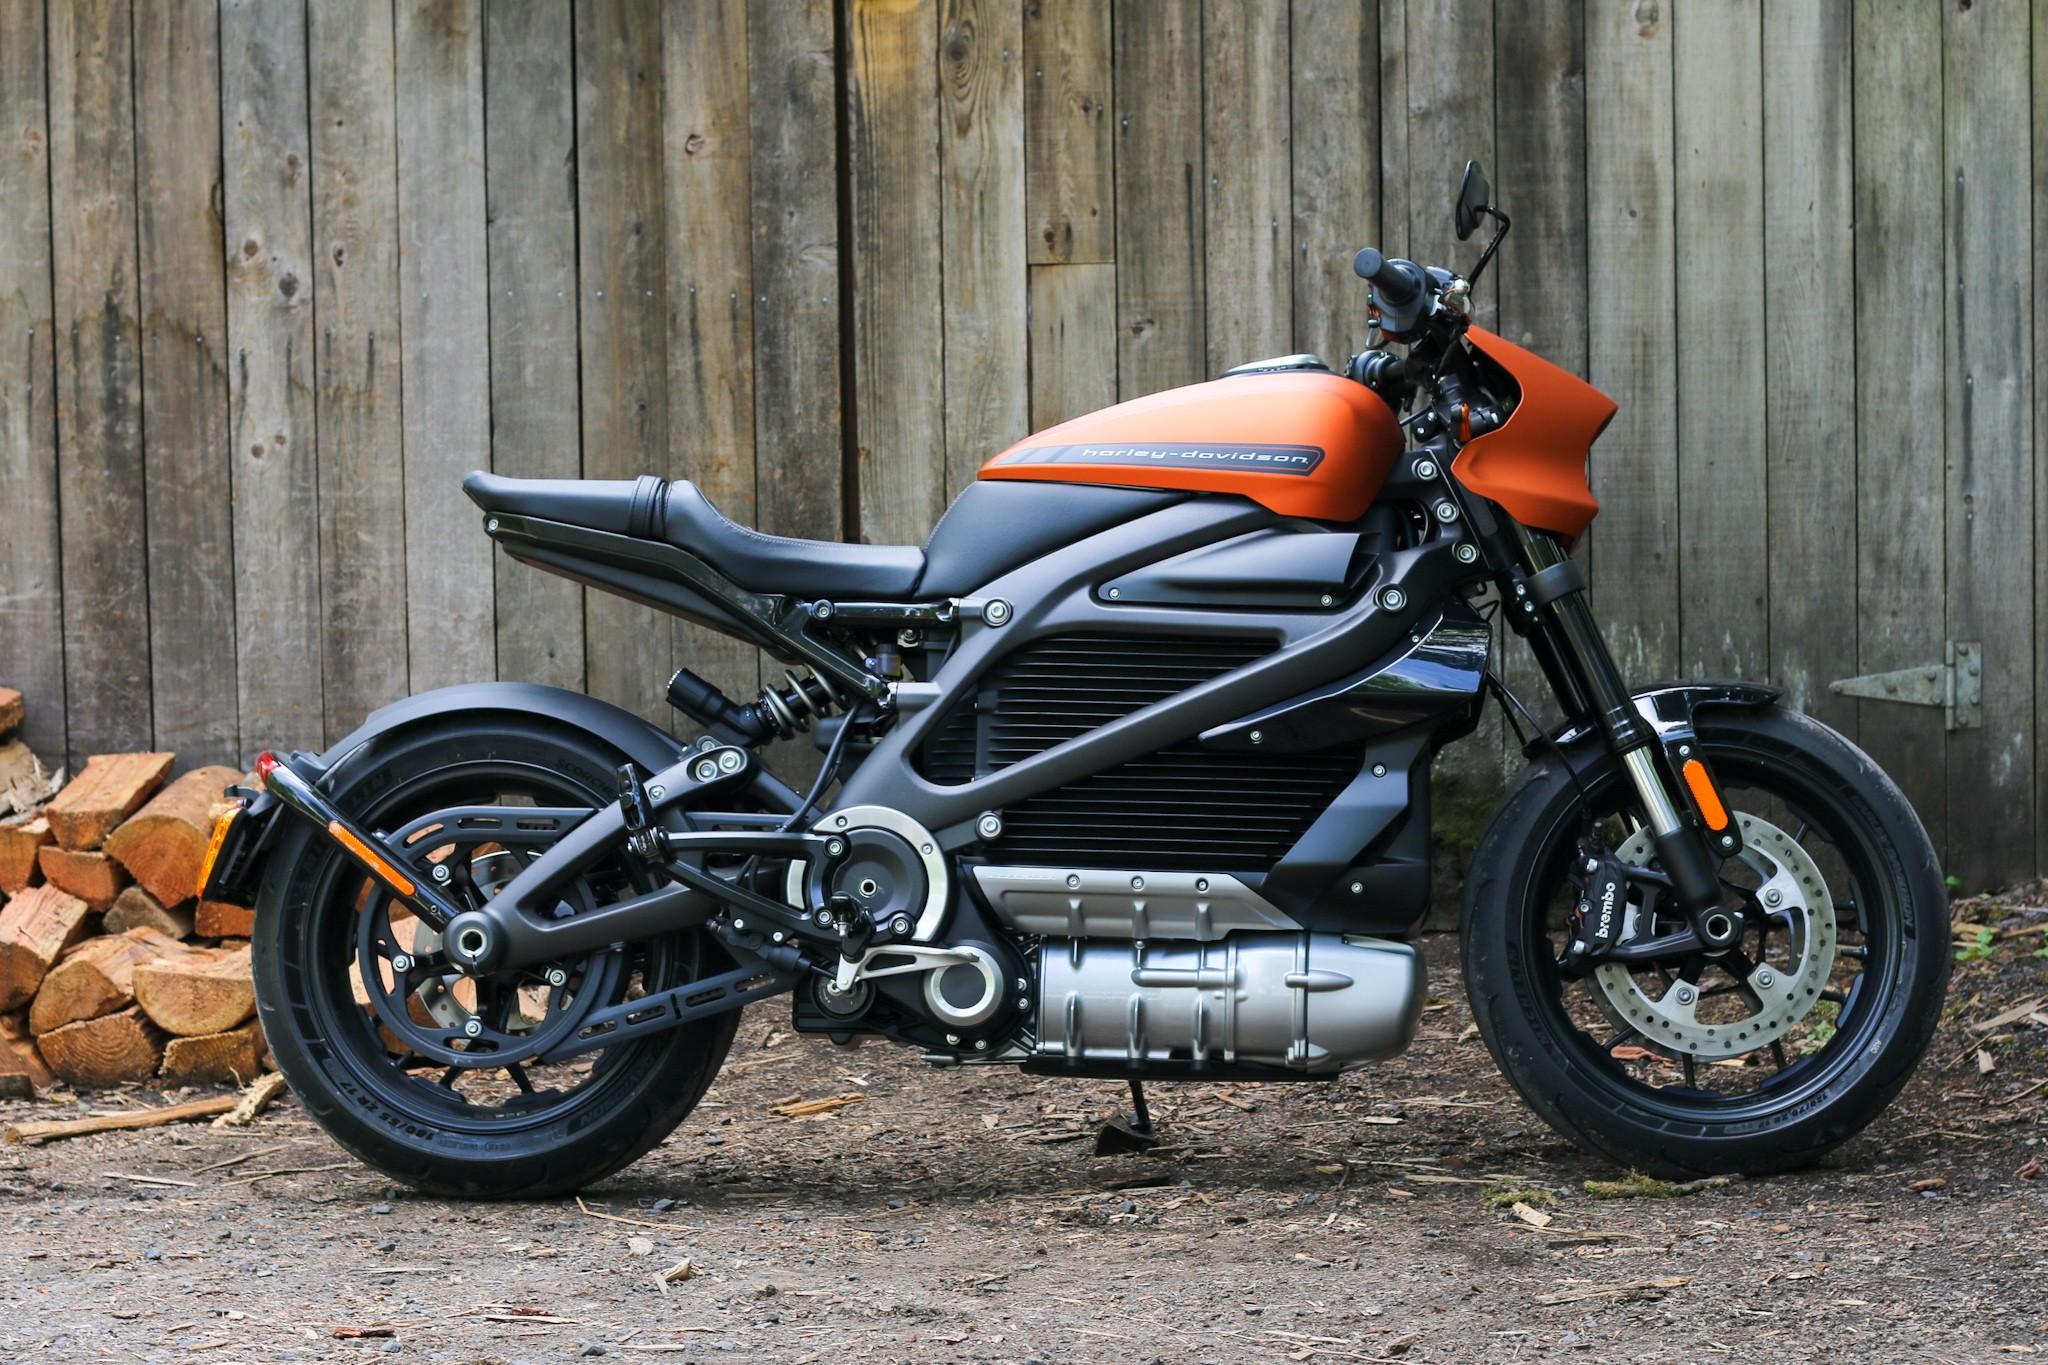 Harley-Davidson paralisa produção de sua primeira moto elétrica